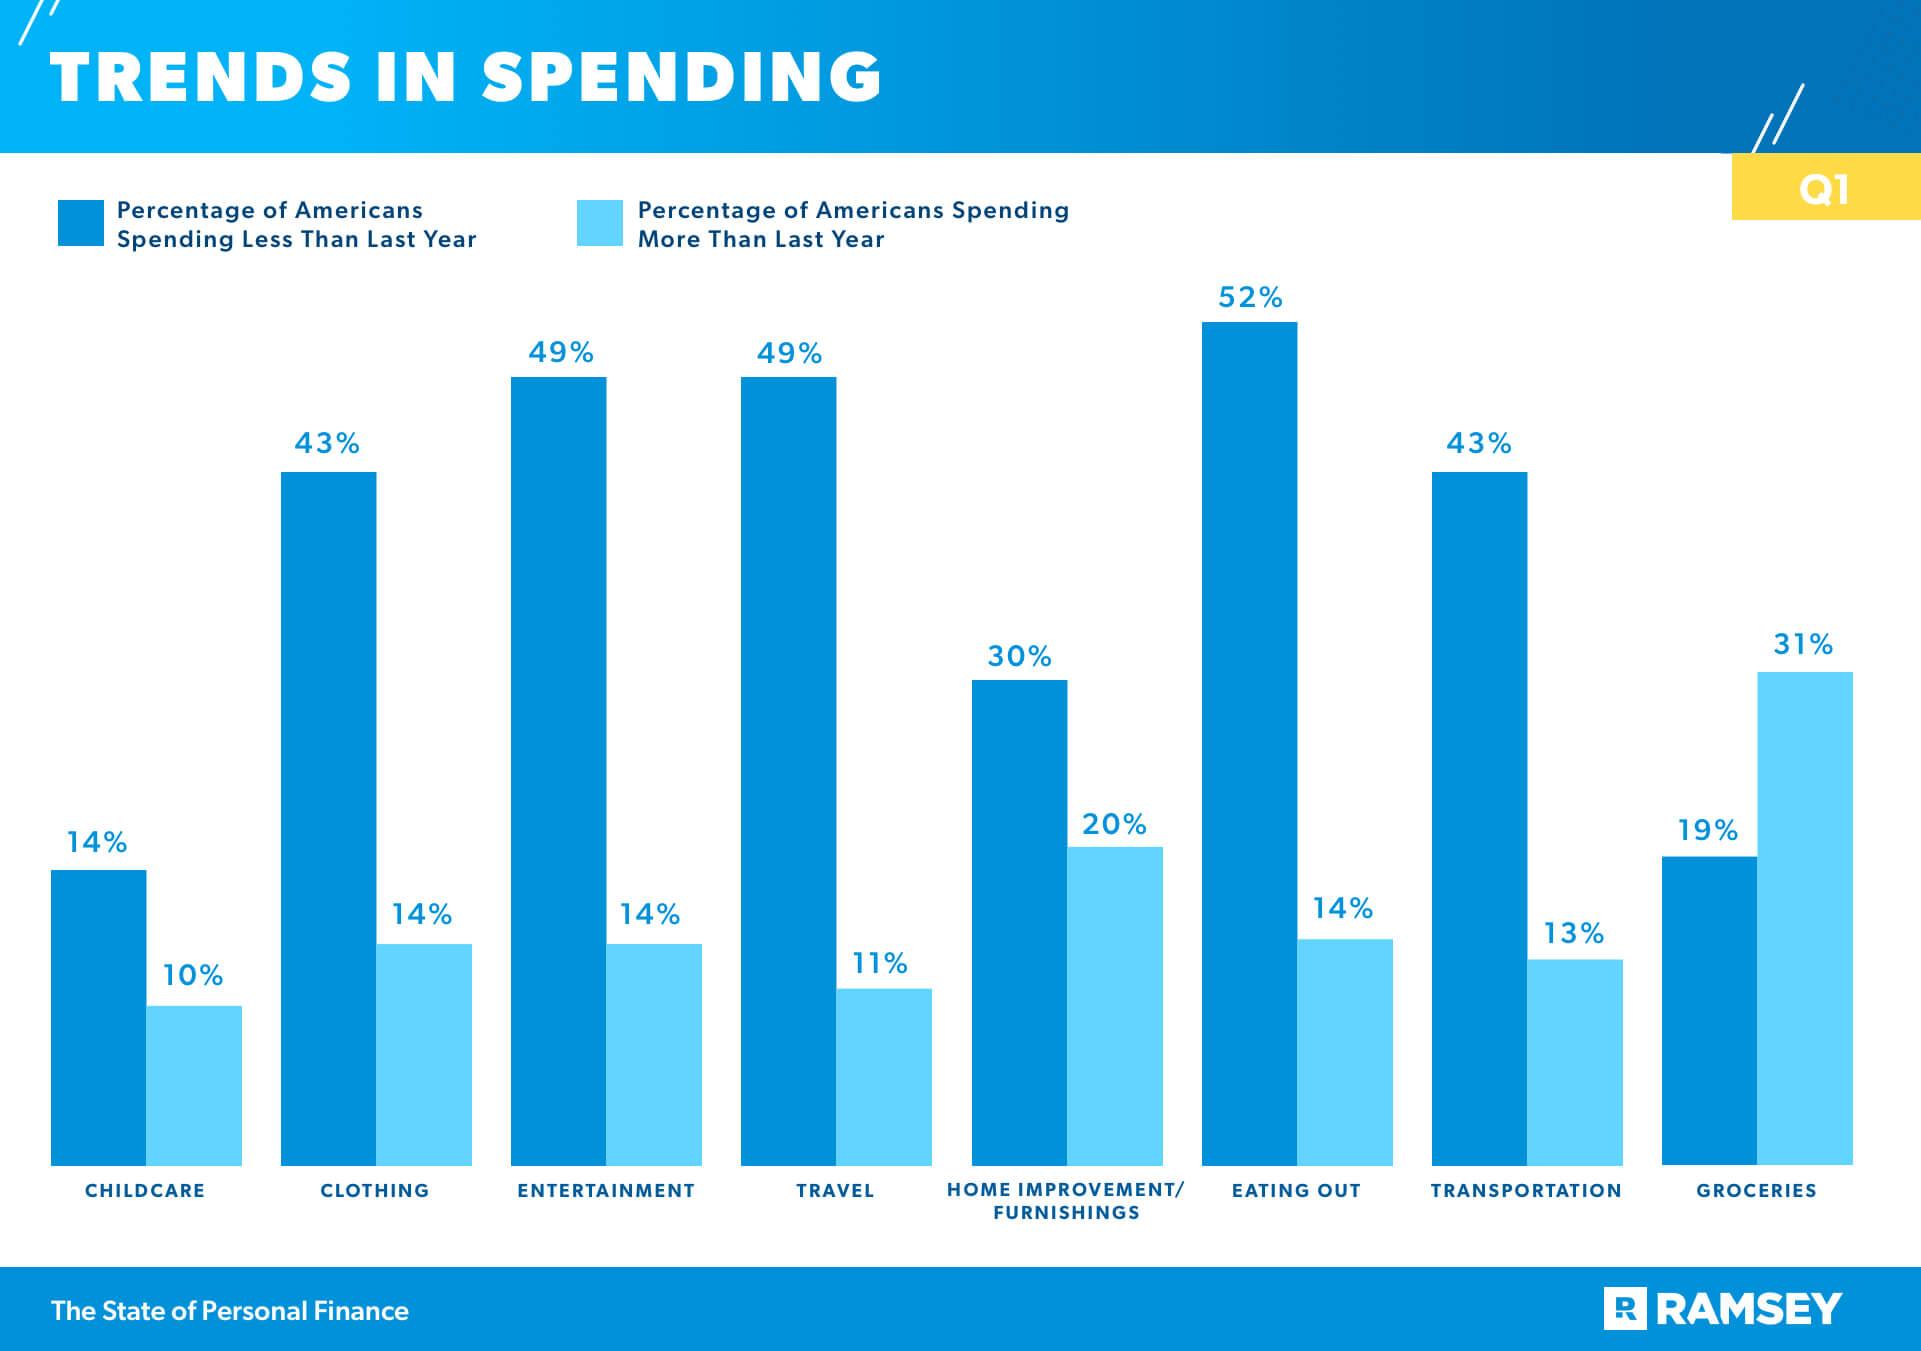 Trends in Spending